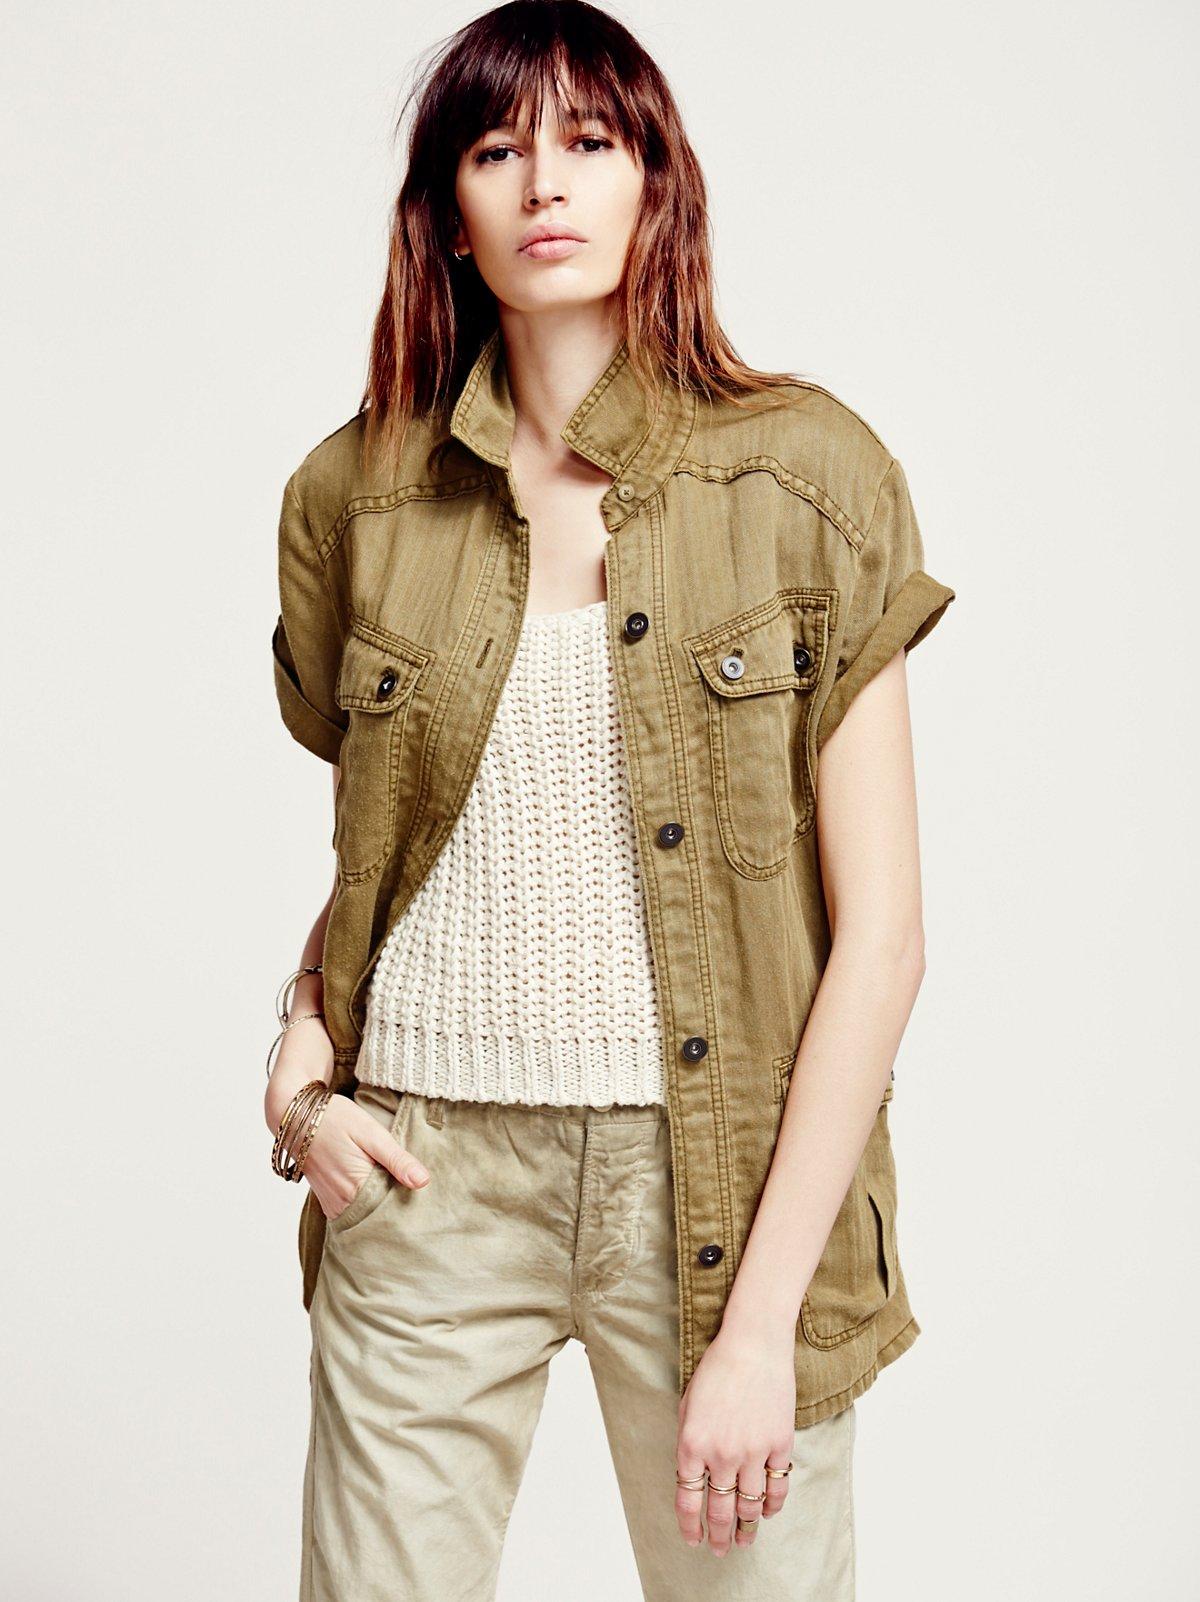 Short Sleeve Rugged Shirt Jacket